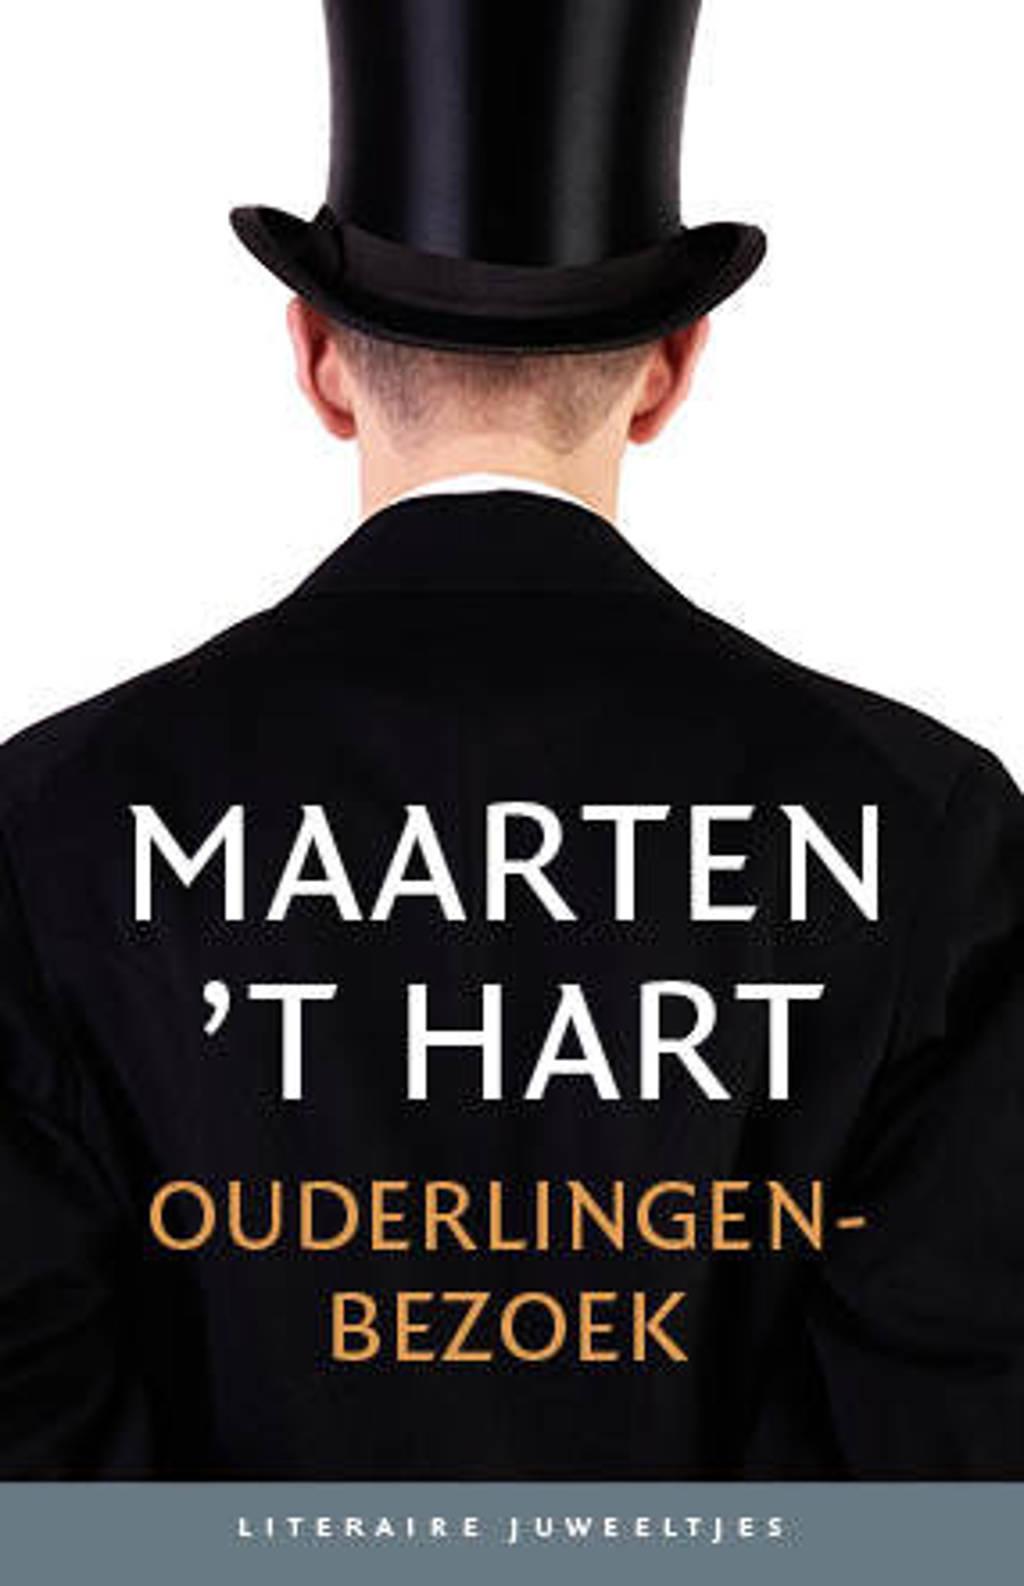 Literaire Juweeltjes: Ouderlingenbezoek (set van 10 ex) - Maarten 't Hart